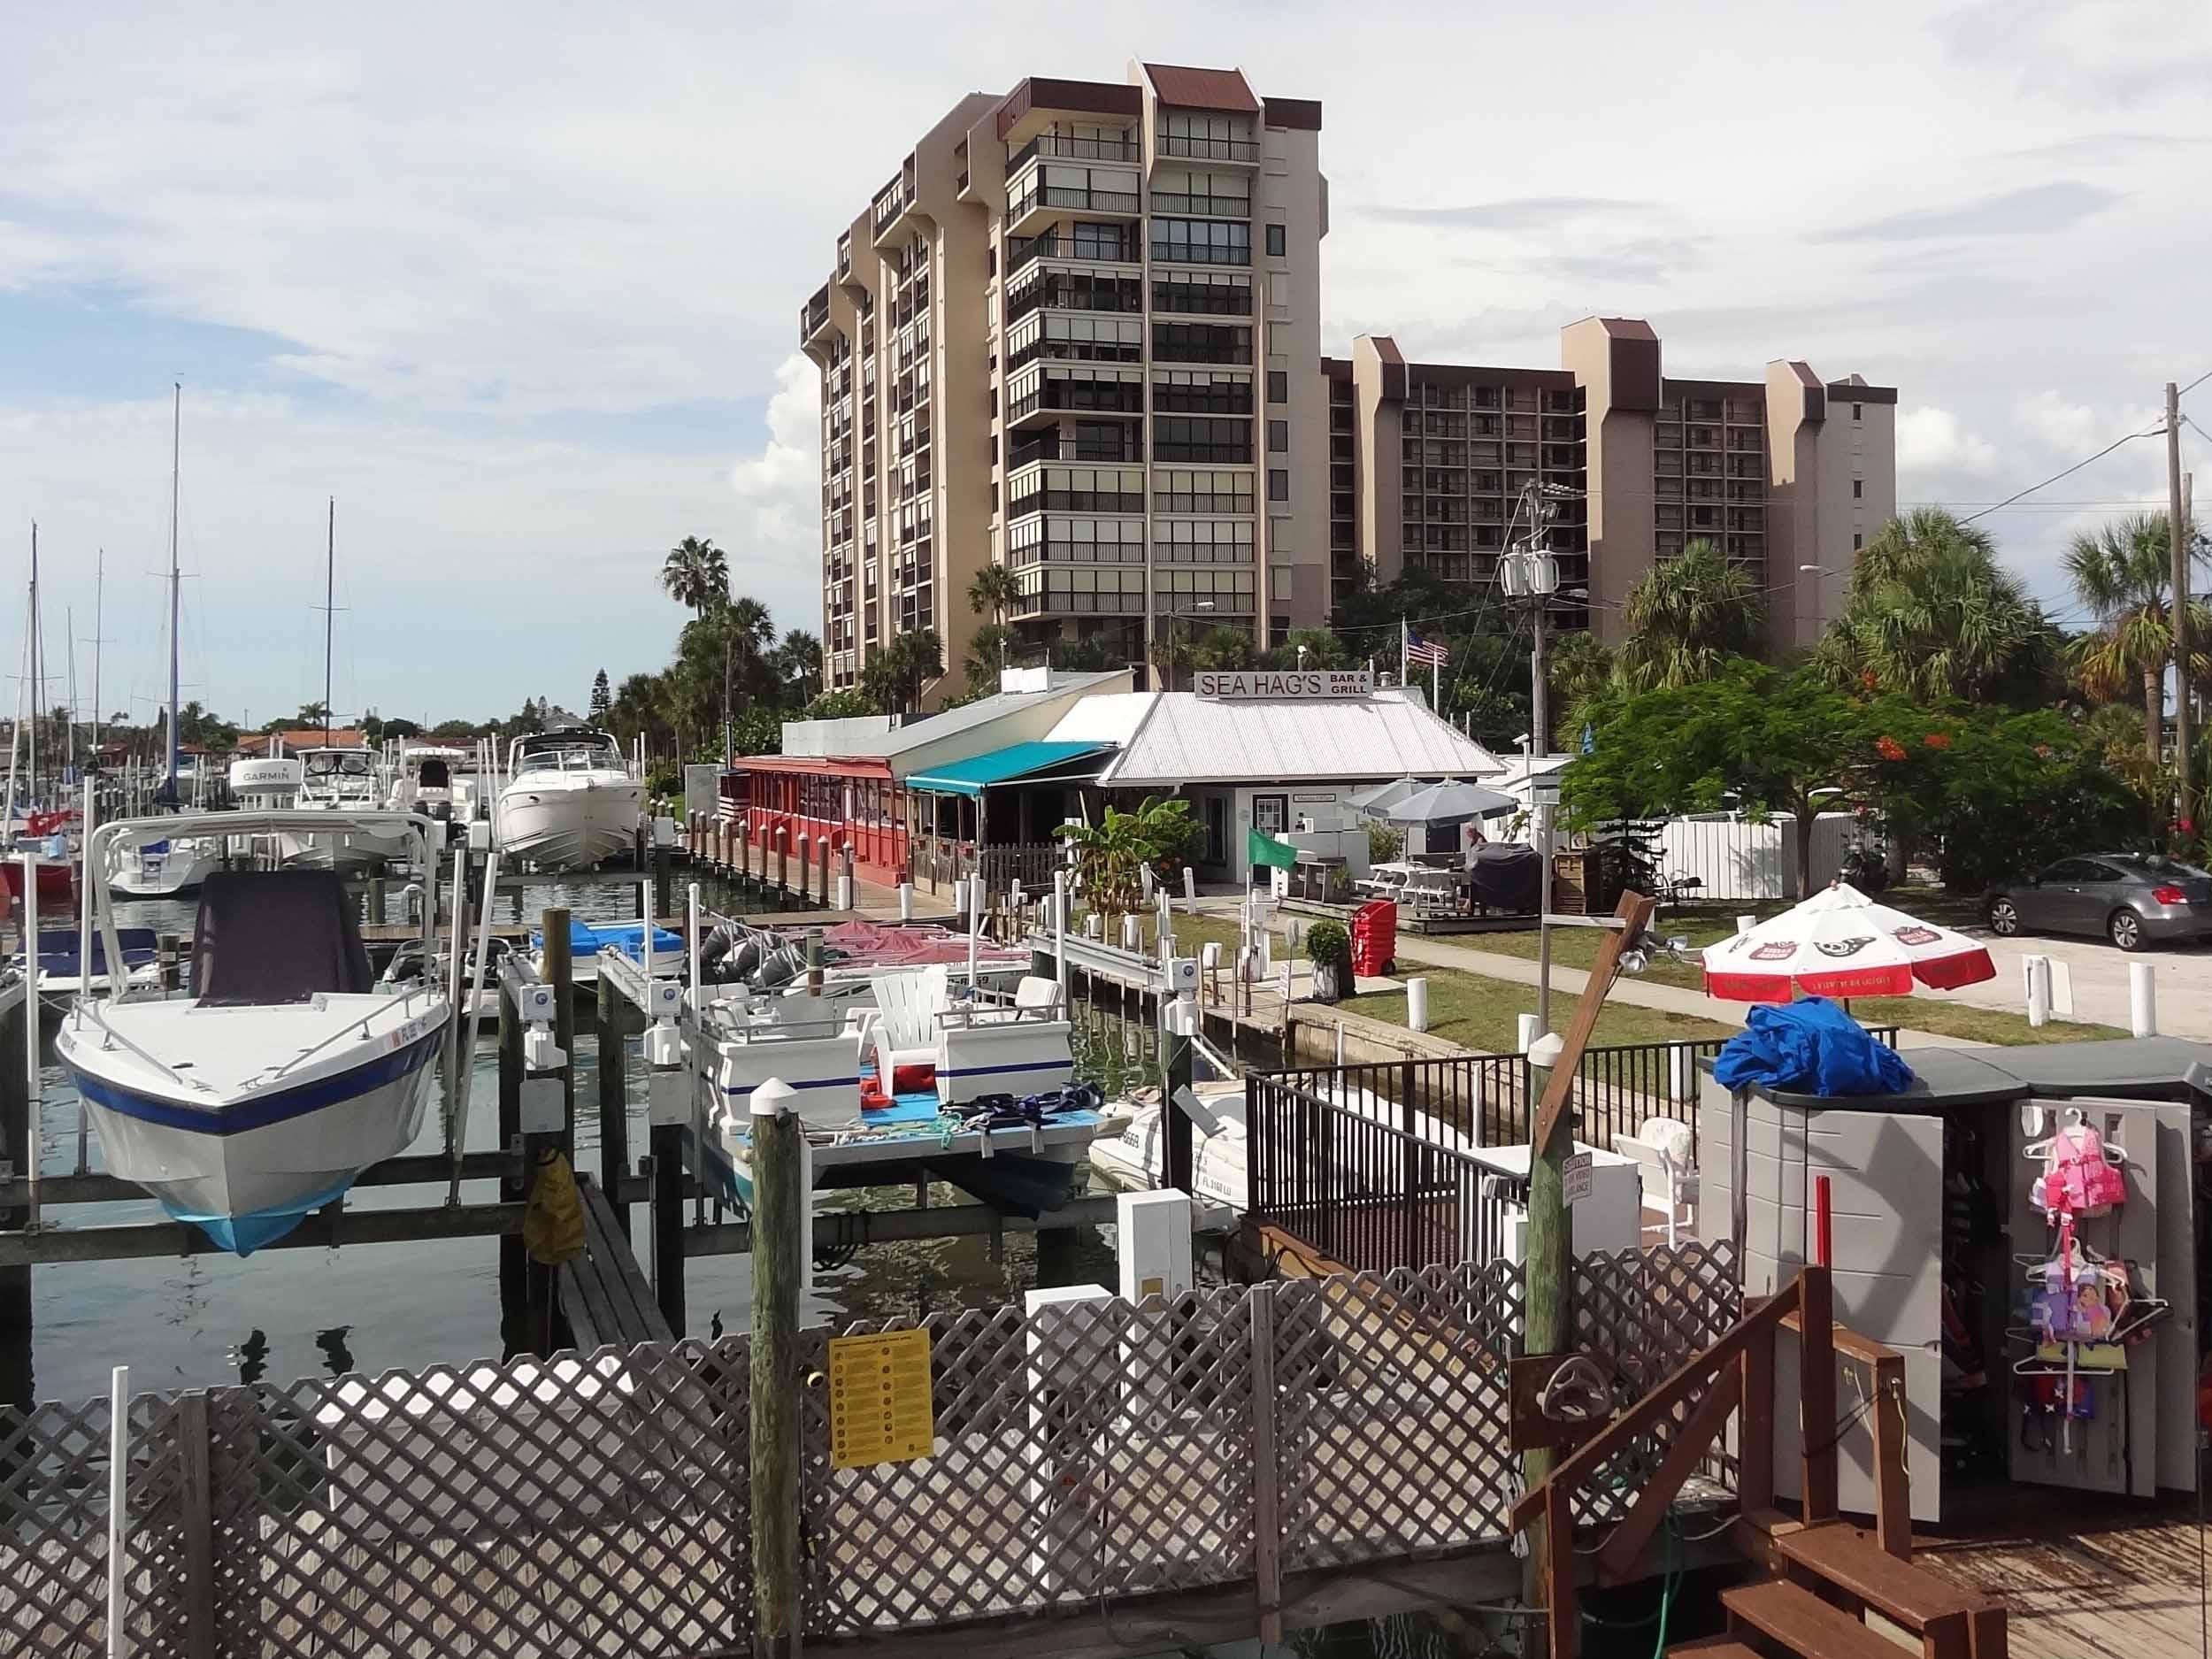 Sea Hags Bar and Grill Exterior